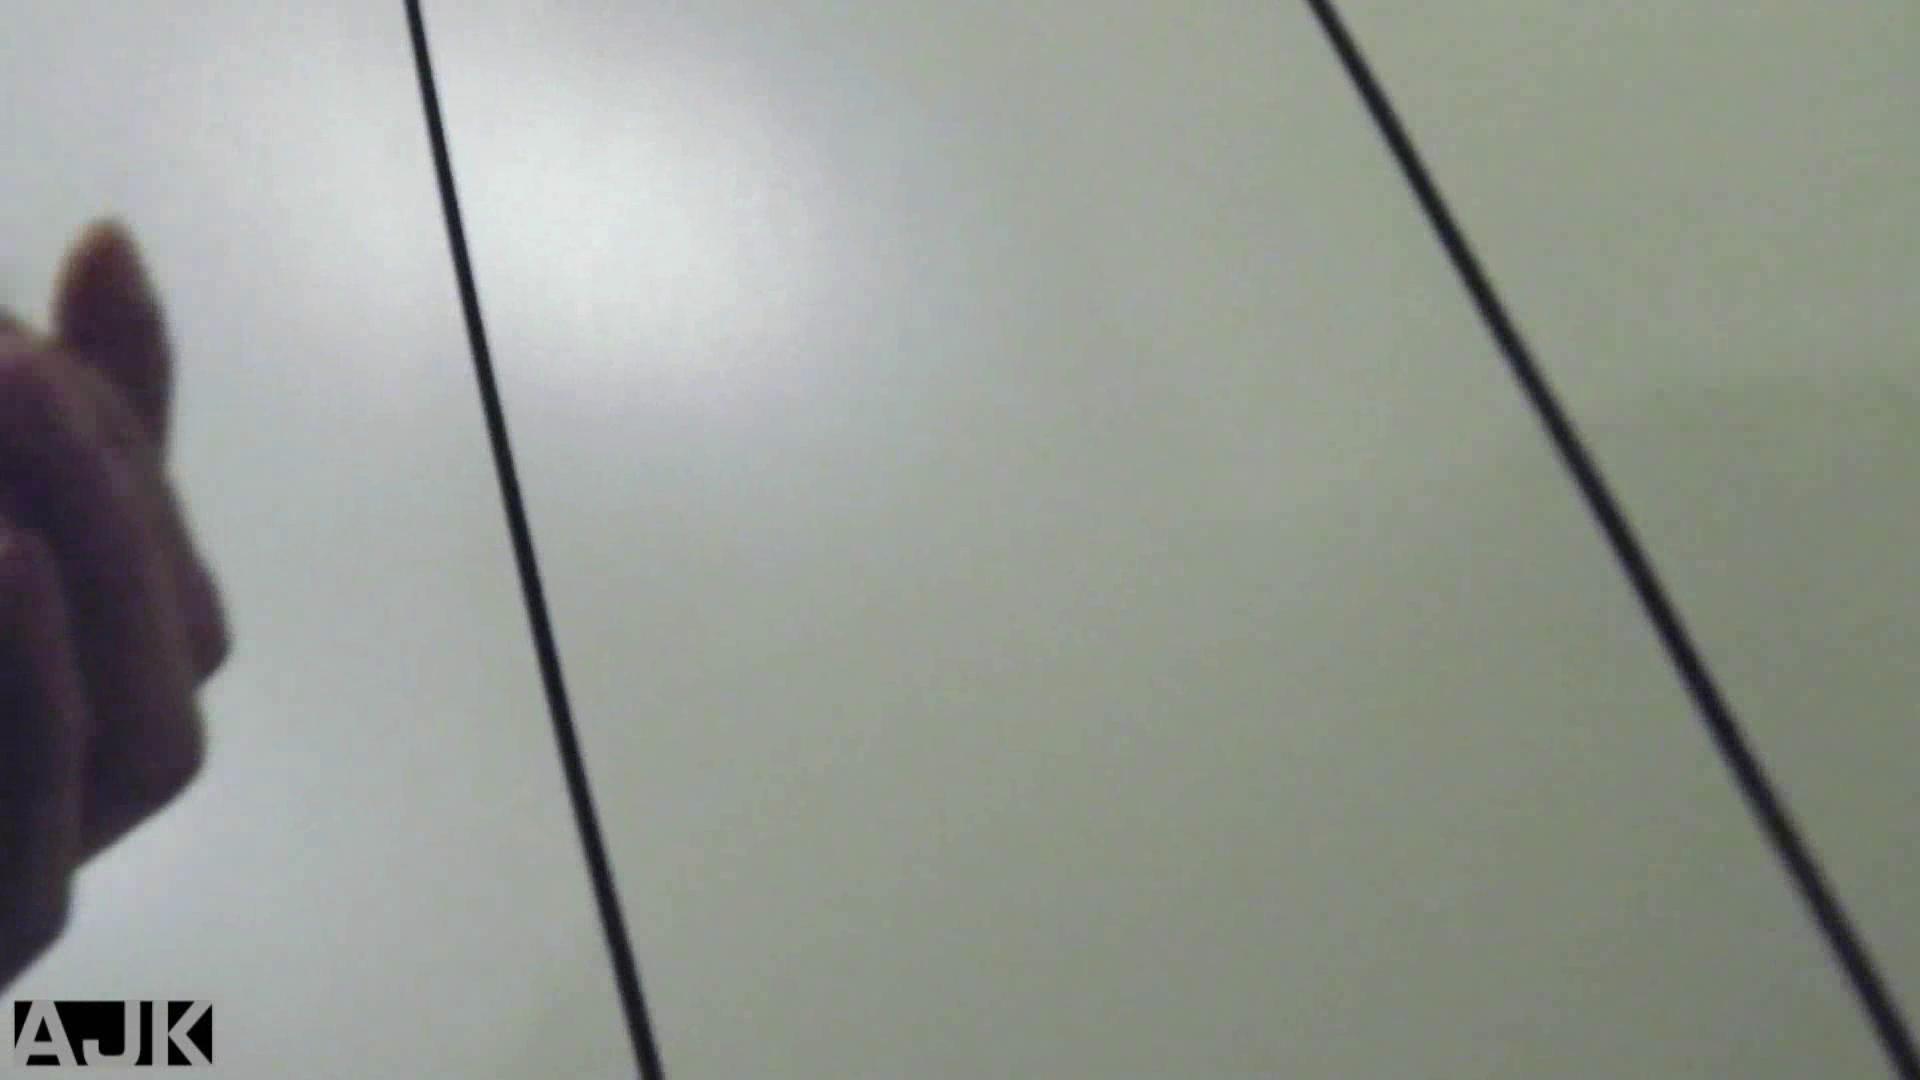 隣国上階級エリアの令嬢たちが集うデパートお手洗い Vol.14 色っぽいOL達  52pic 16